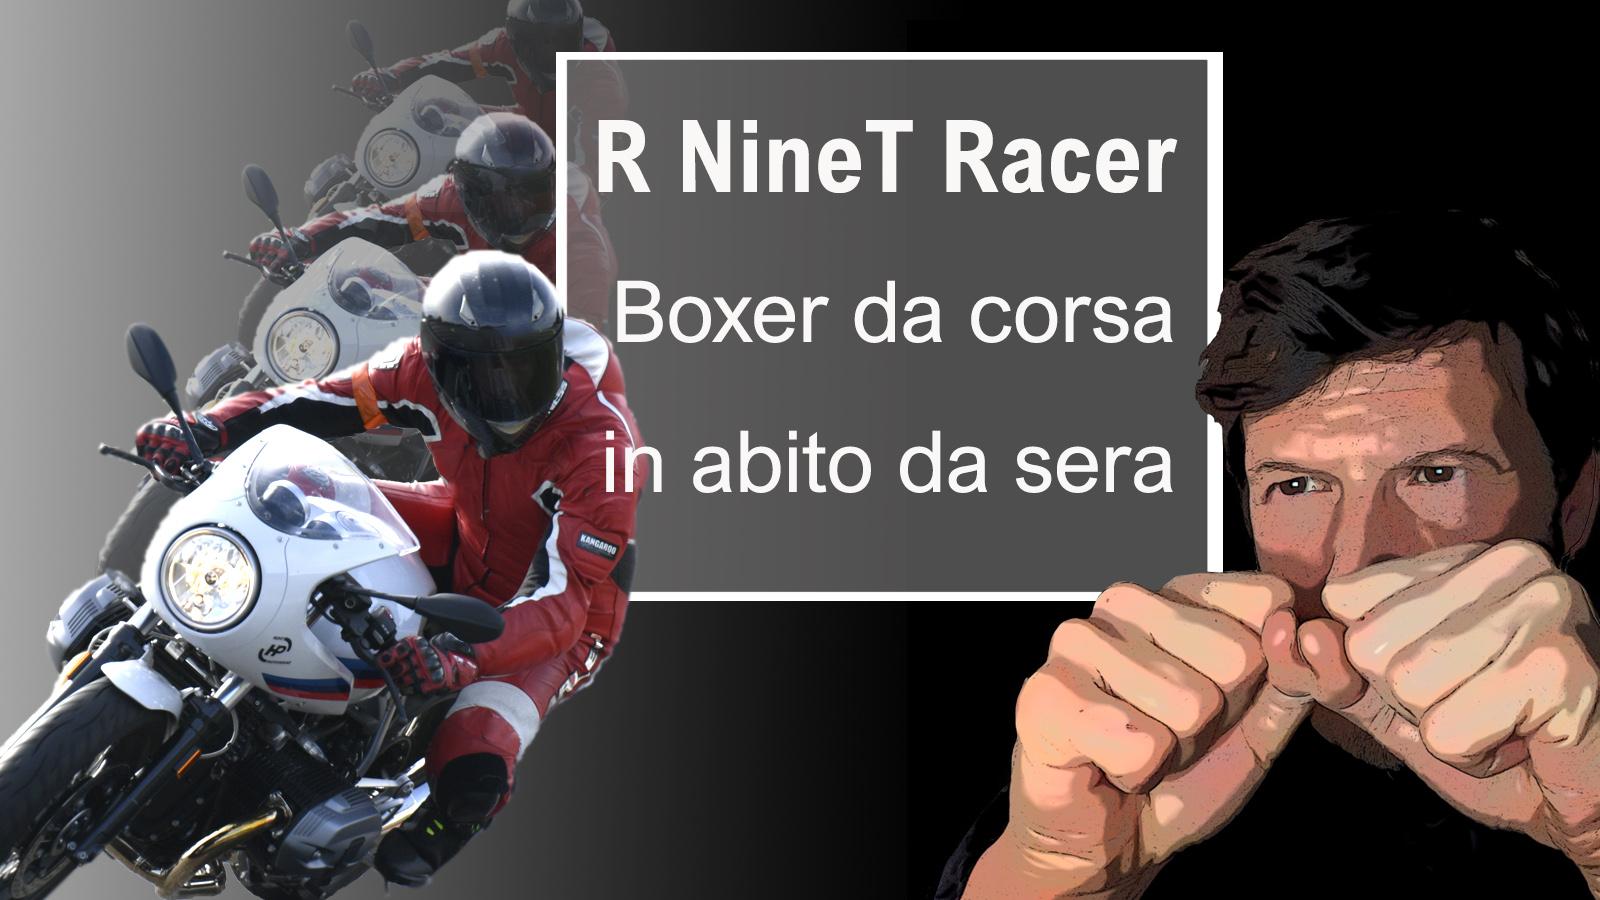 R NineT Racer Boxer da corsa in abito da sera cover